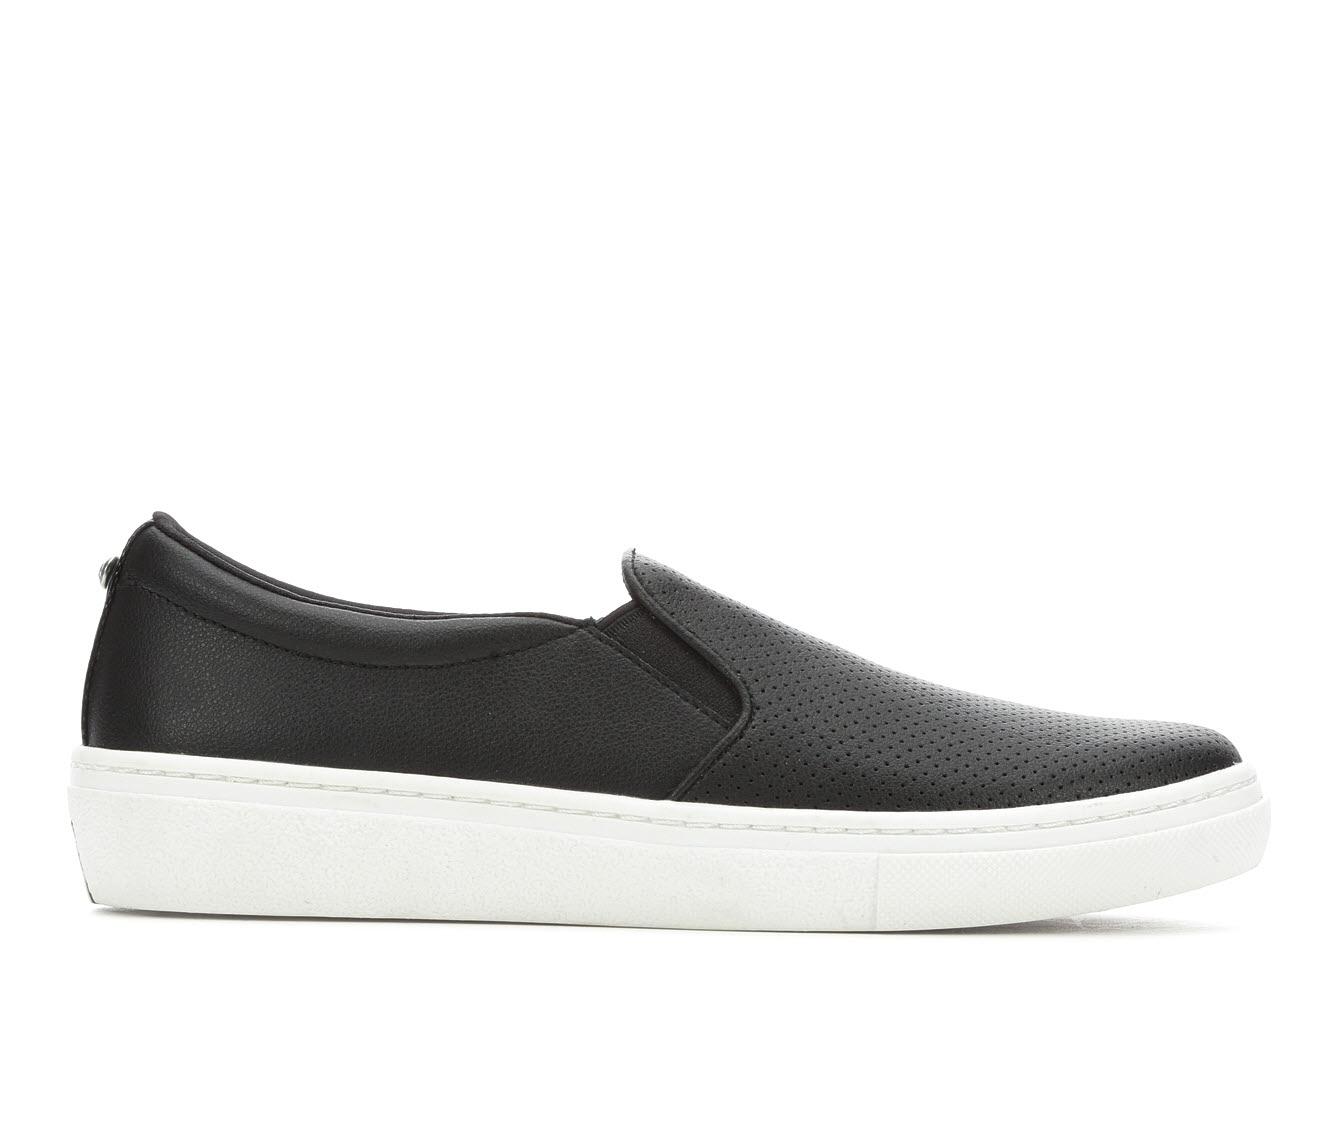 Skechers Street Plain Jane Women's Shoe (Black Faux Leather)